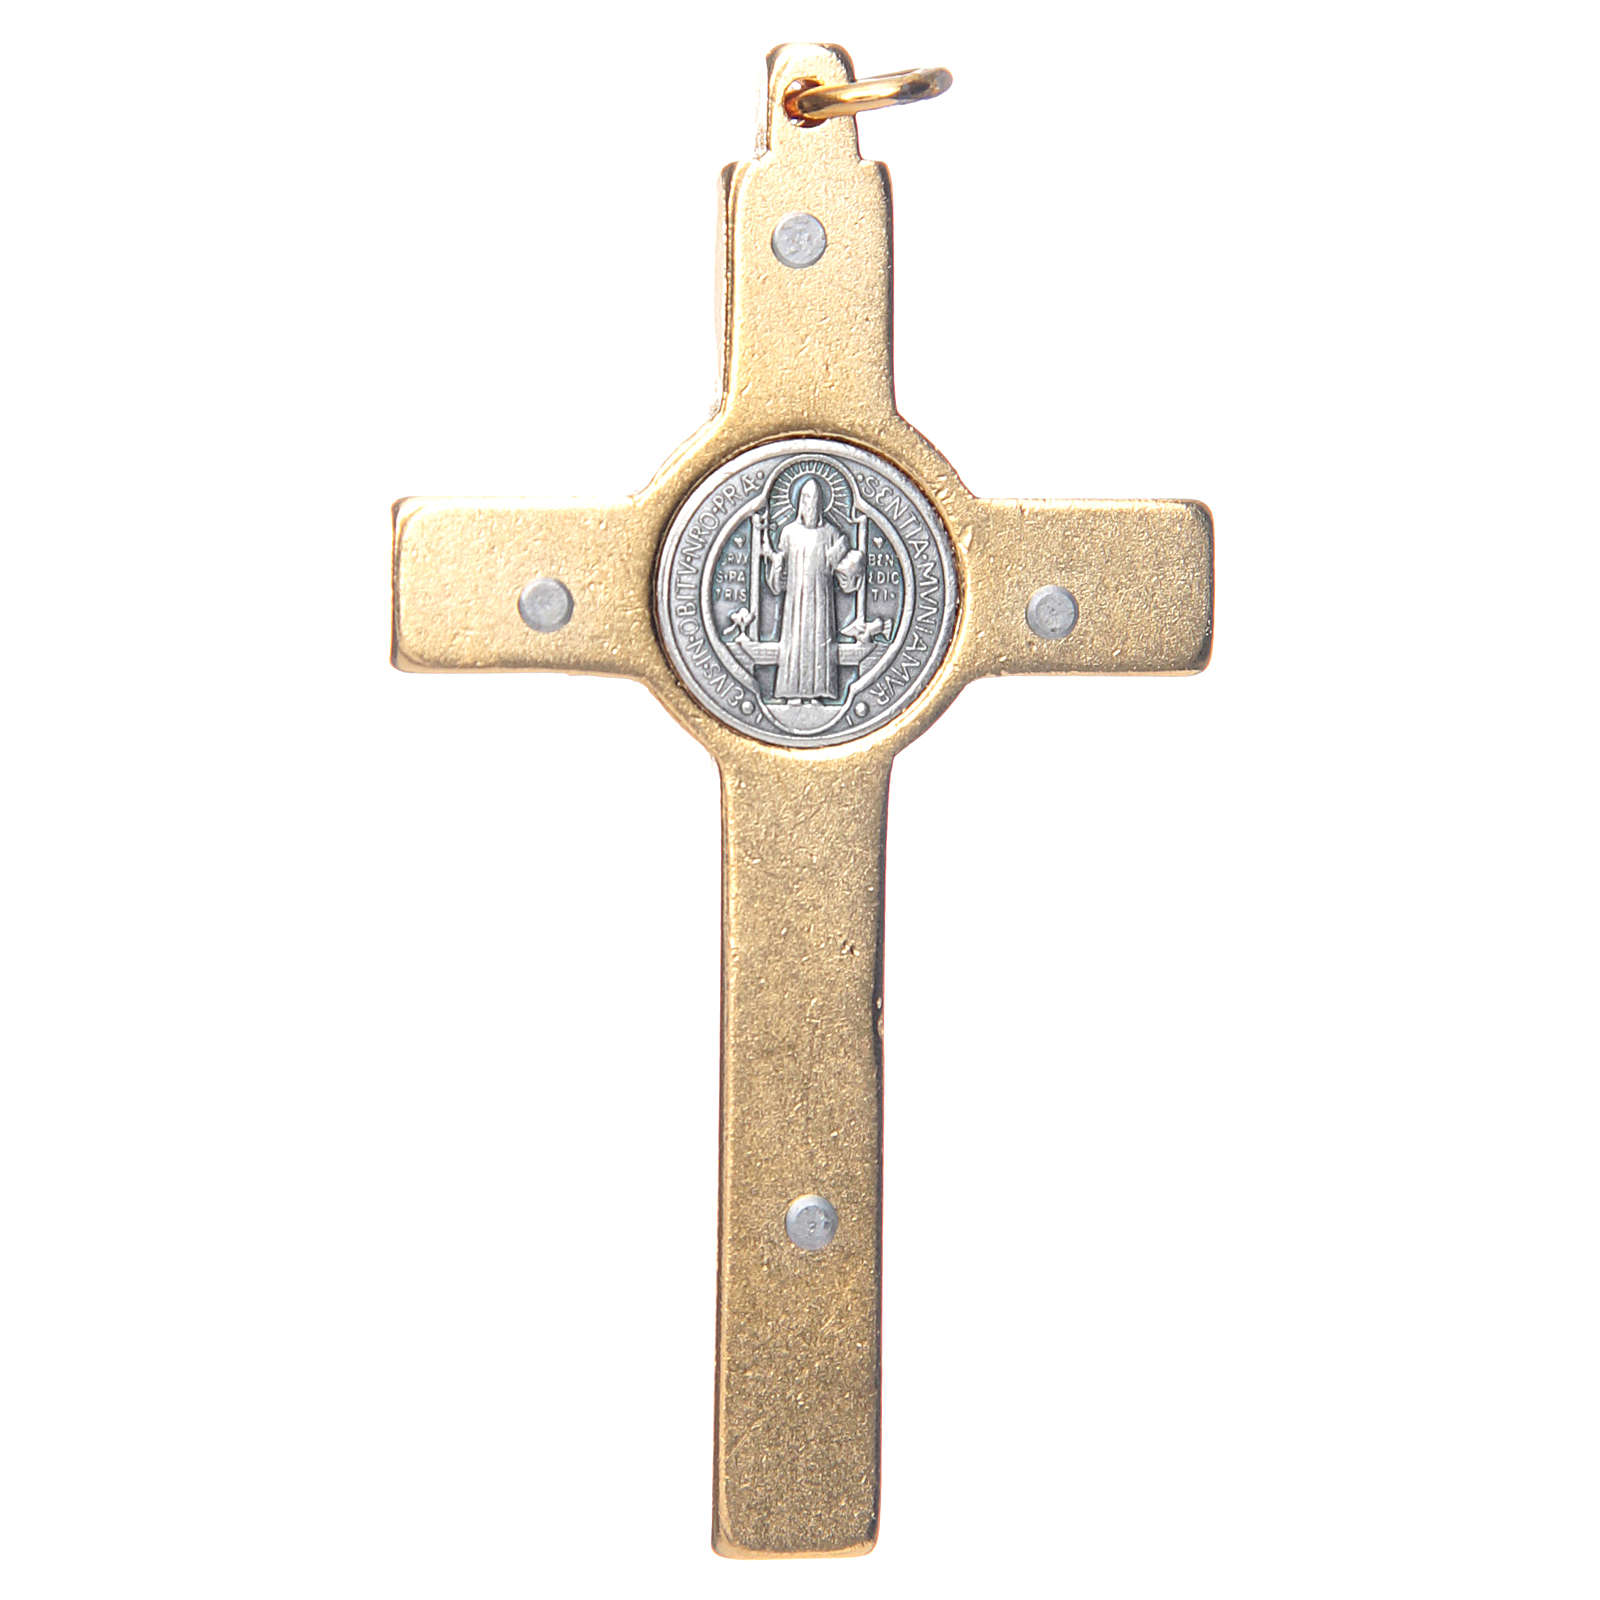 Colar Cruz São Bento azul escuro elegante 4